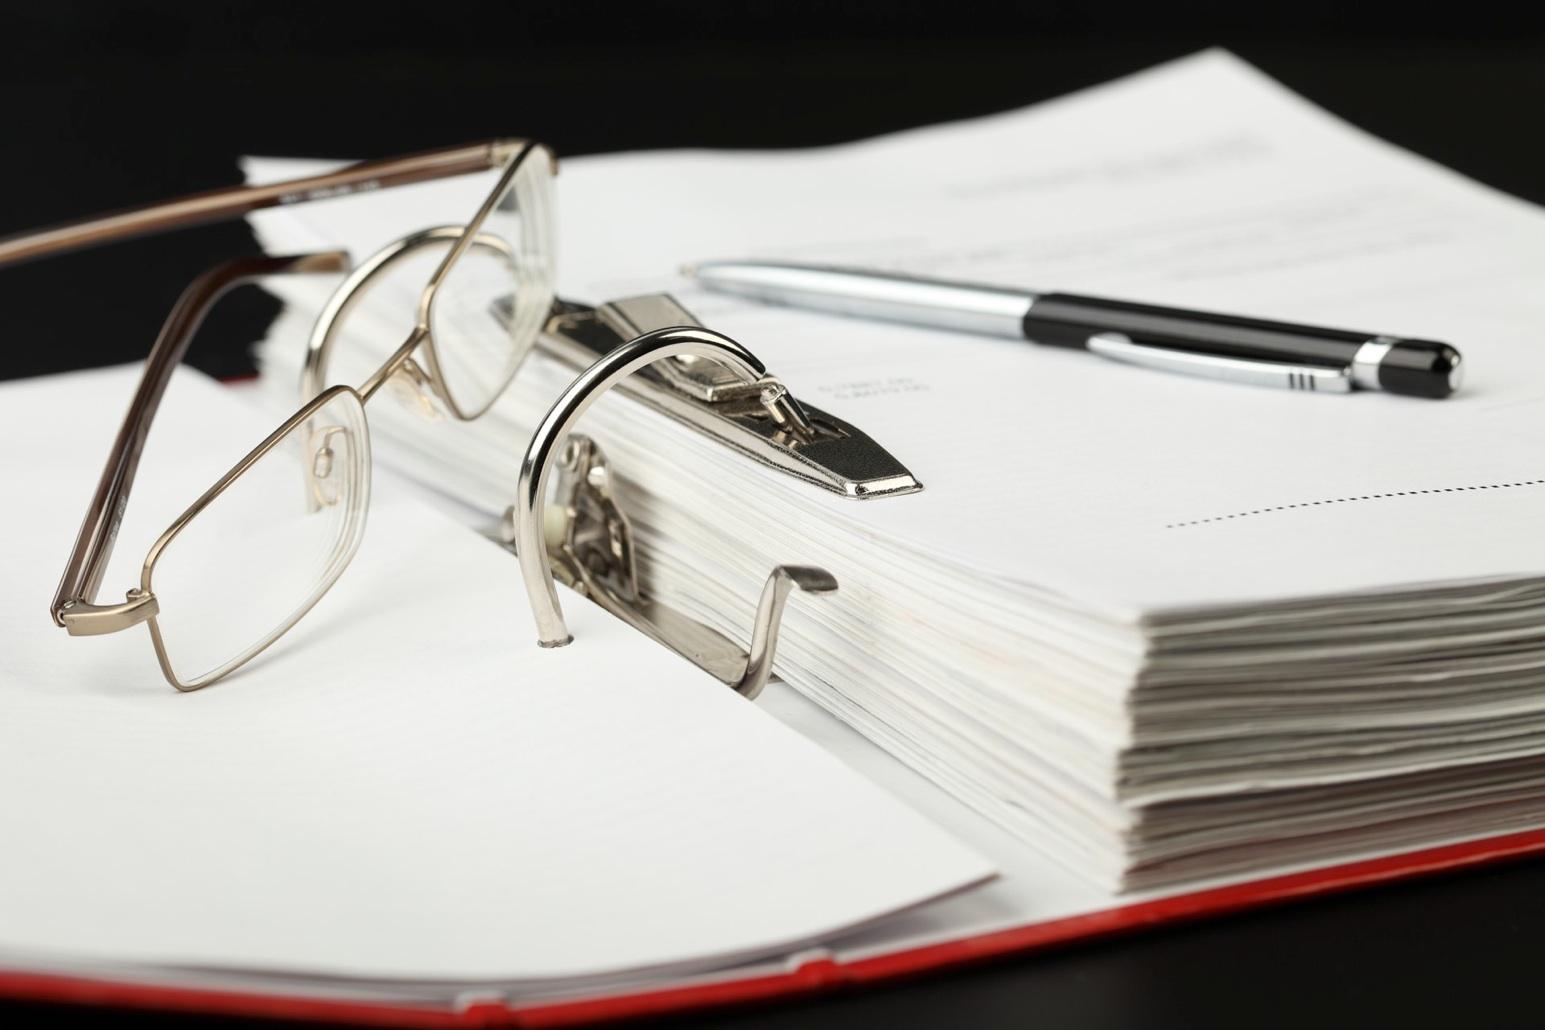 Правила написания кандидатской диссертации требования ГОСТ  Содержание требования к написанию кандидатской диссертации